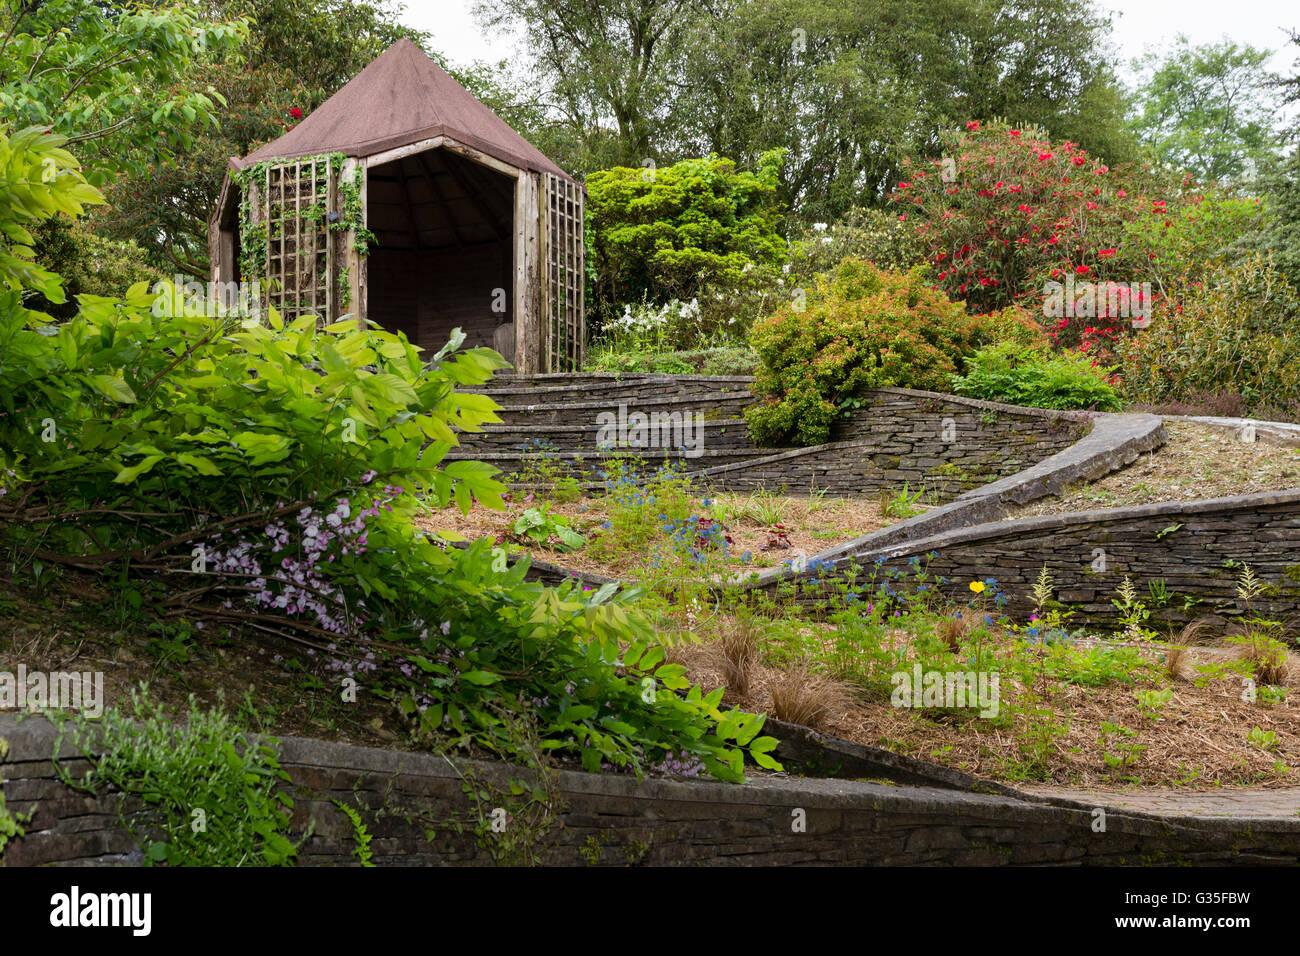 Fascinating Gartengestaltung Hang Best Choice Of Das Garden E, Devon, Uk, Die Ovale